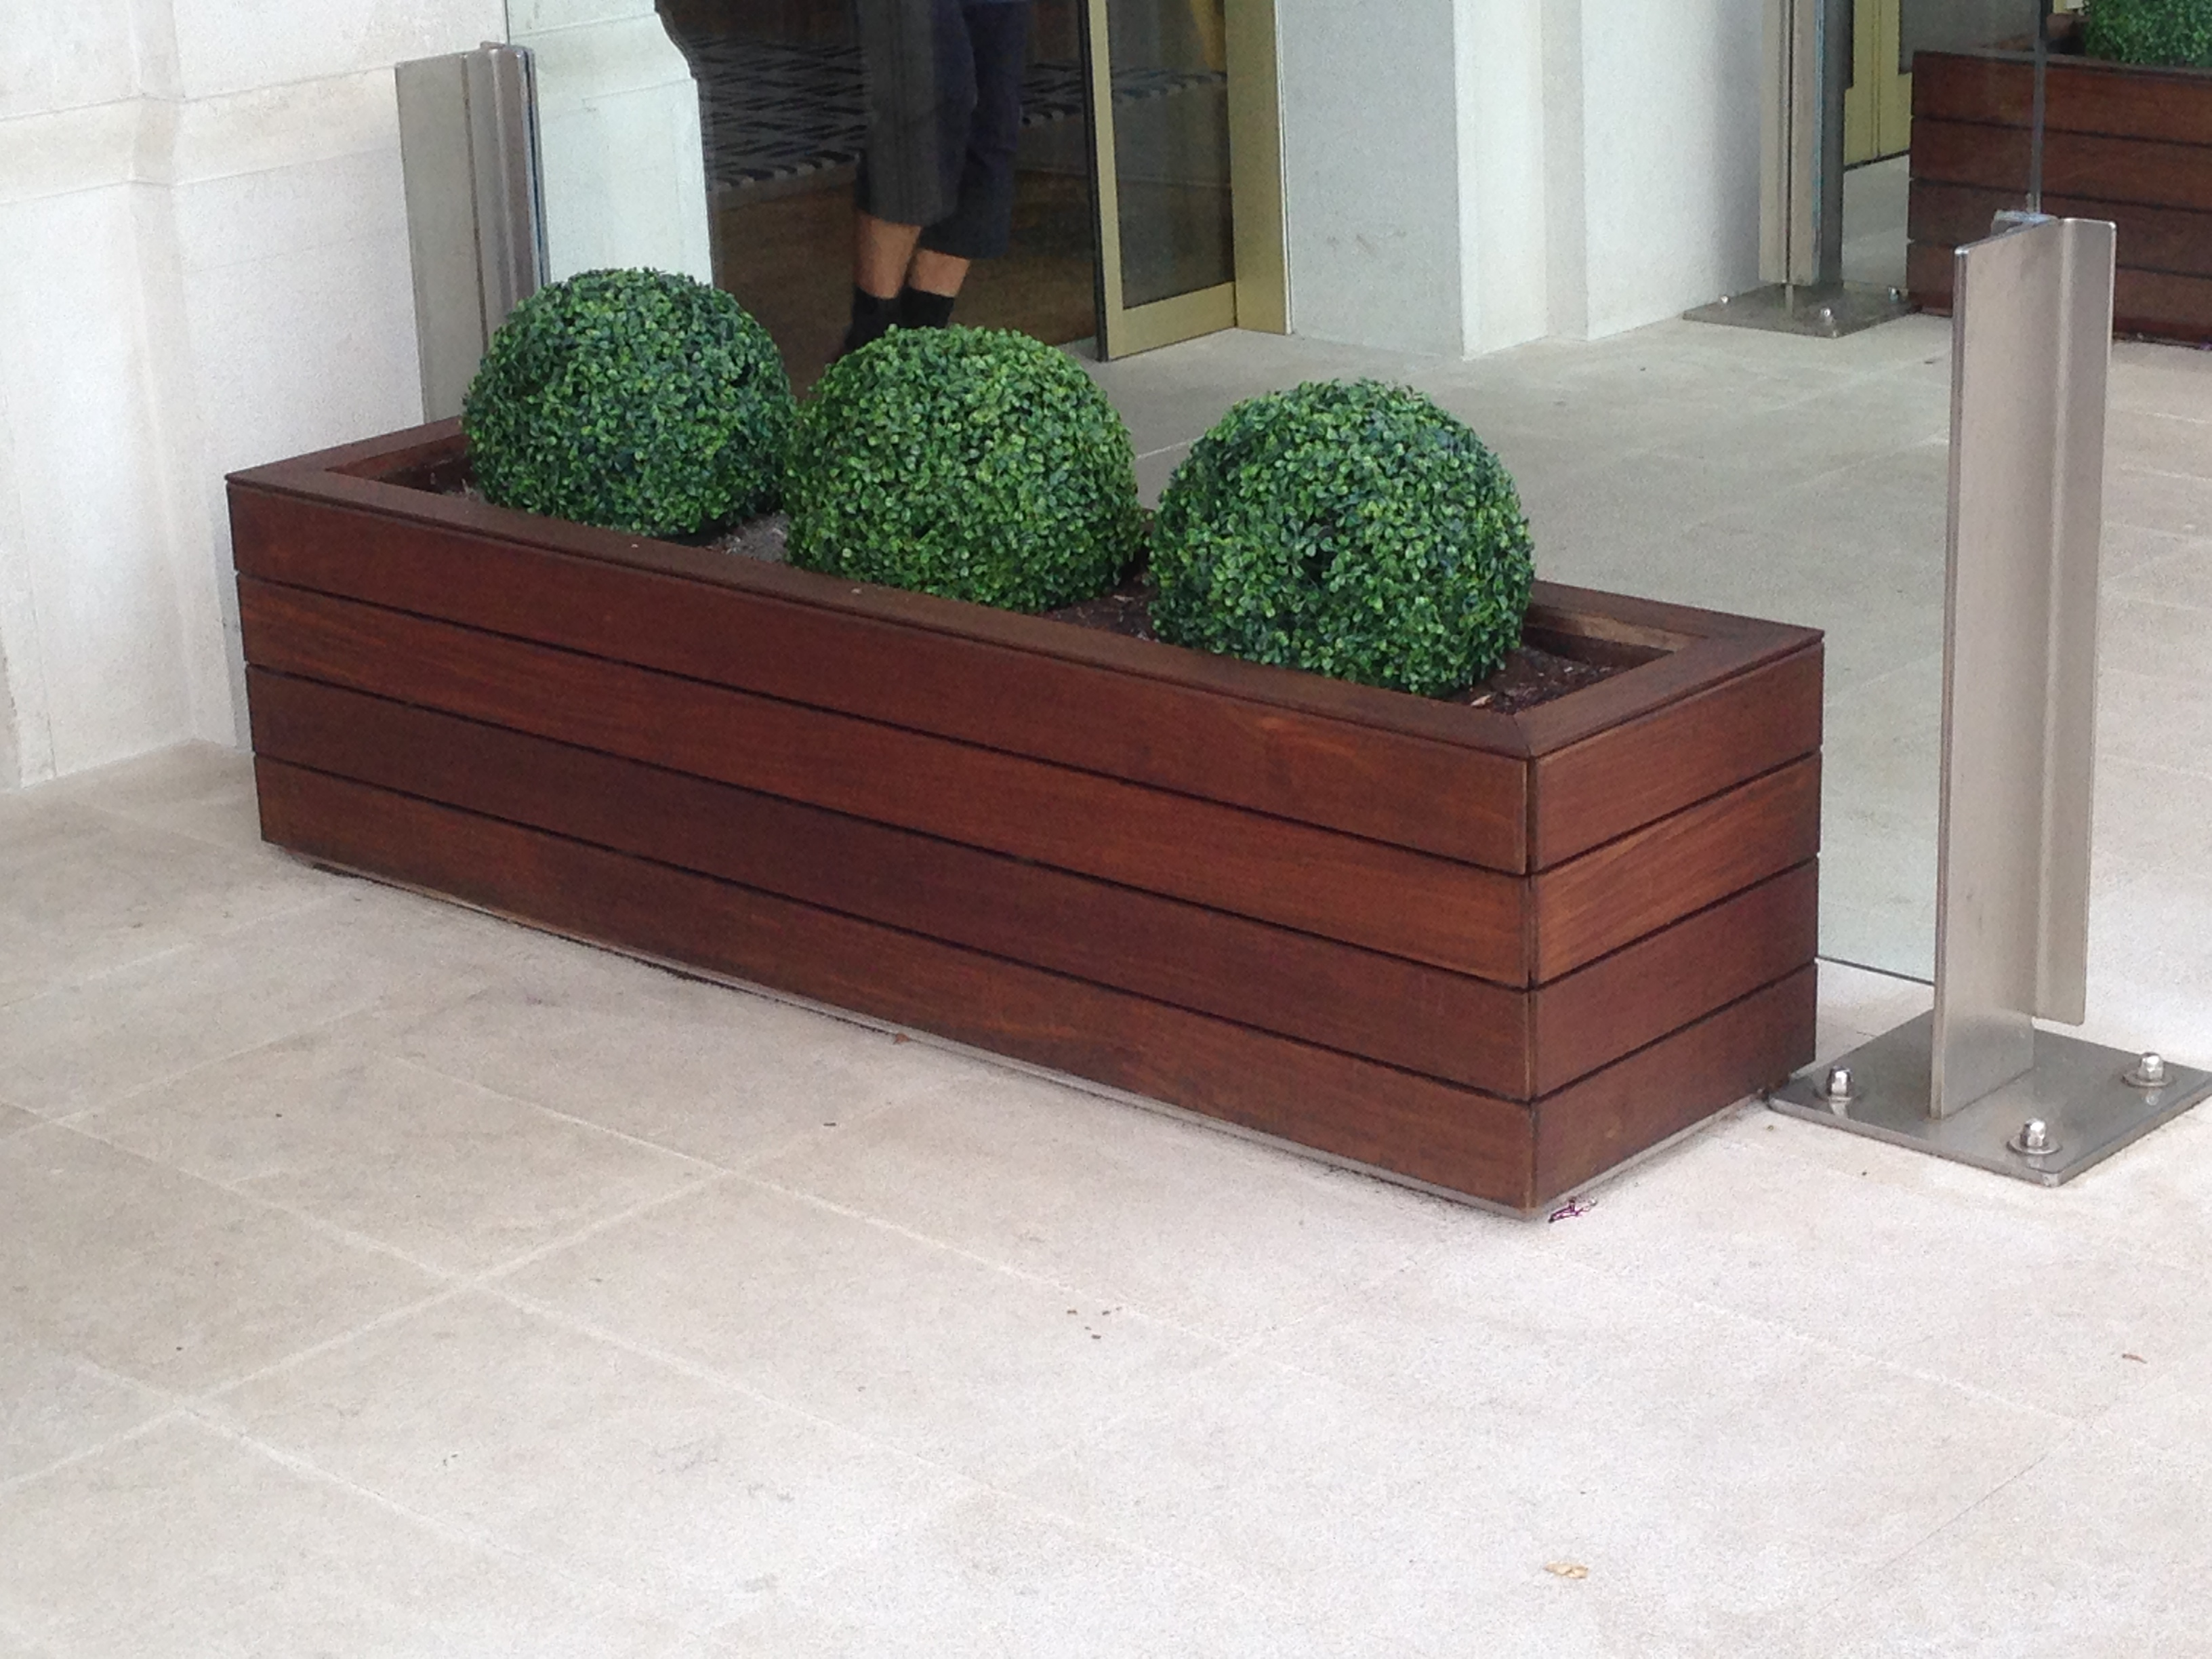 Madera tecnol gica decksystem y jardineras un t ndem - Jardineras de colores ...